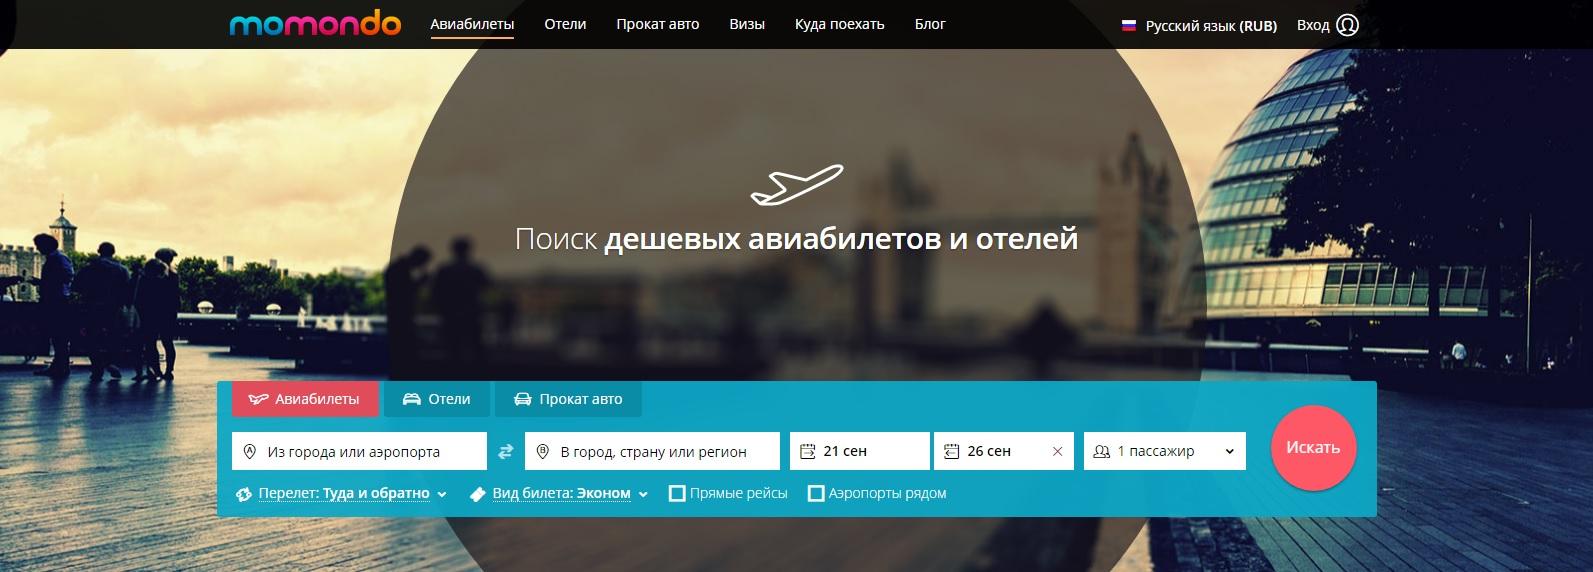 Момондо Официальный Сайт Дешевые Авиабилеты